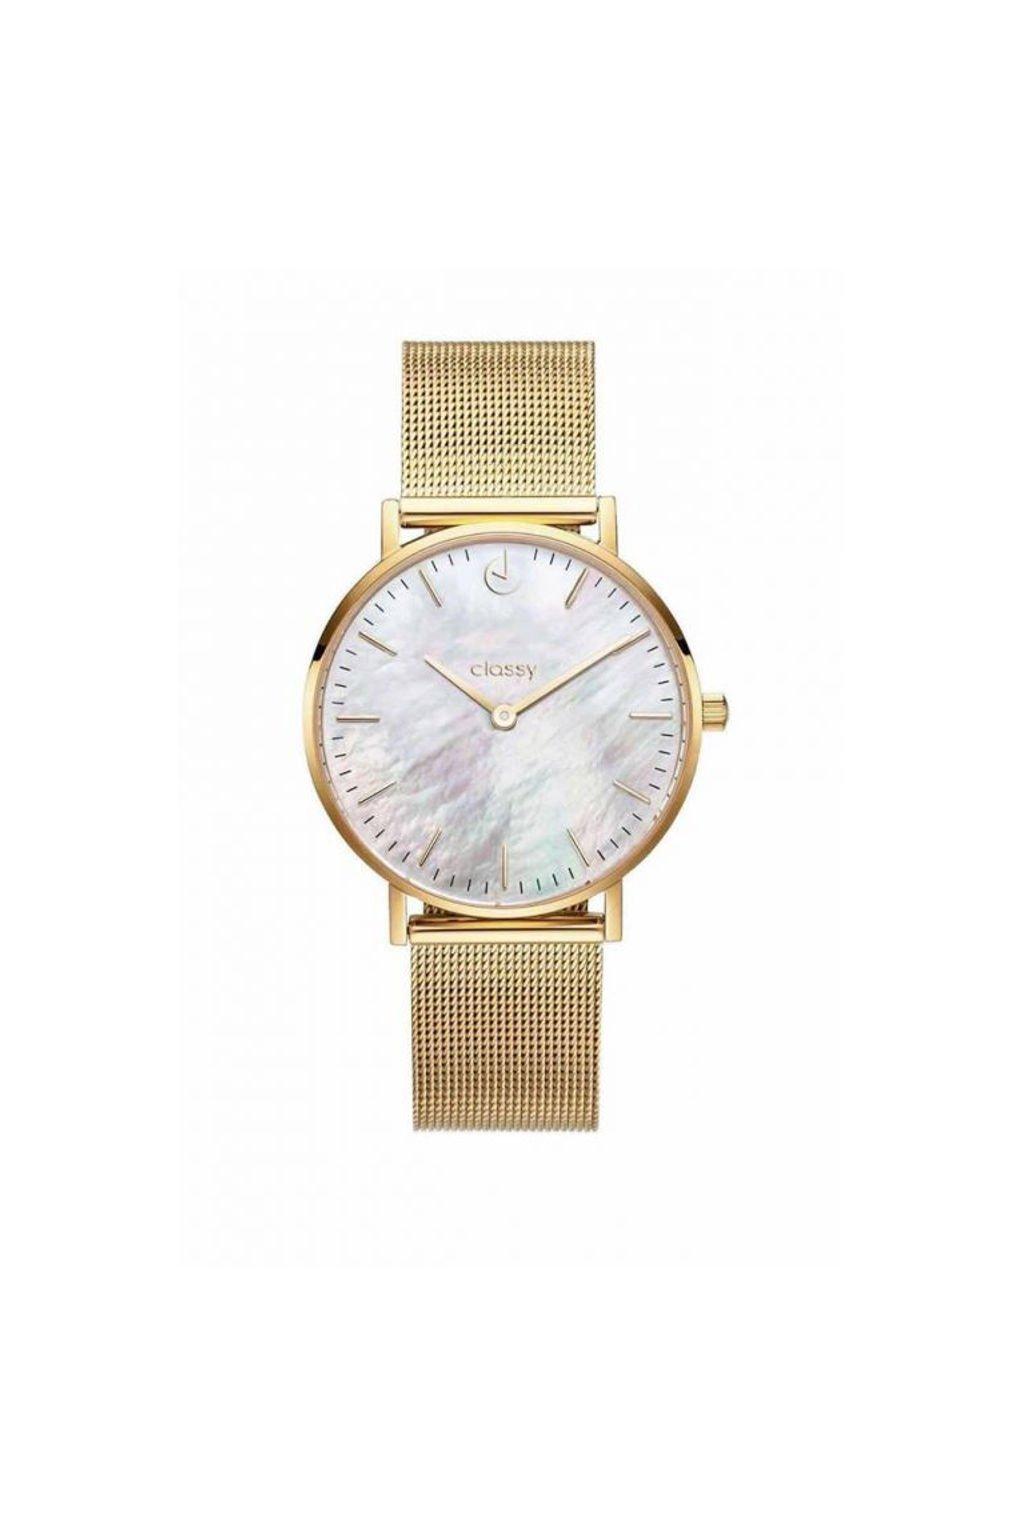 Elegantní hodinky Classy zlaté barvy s kovovým páskem